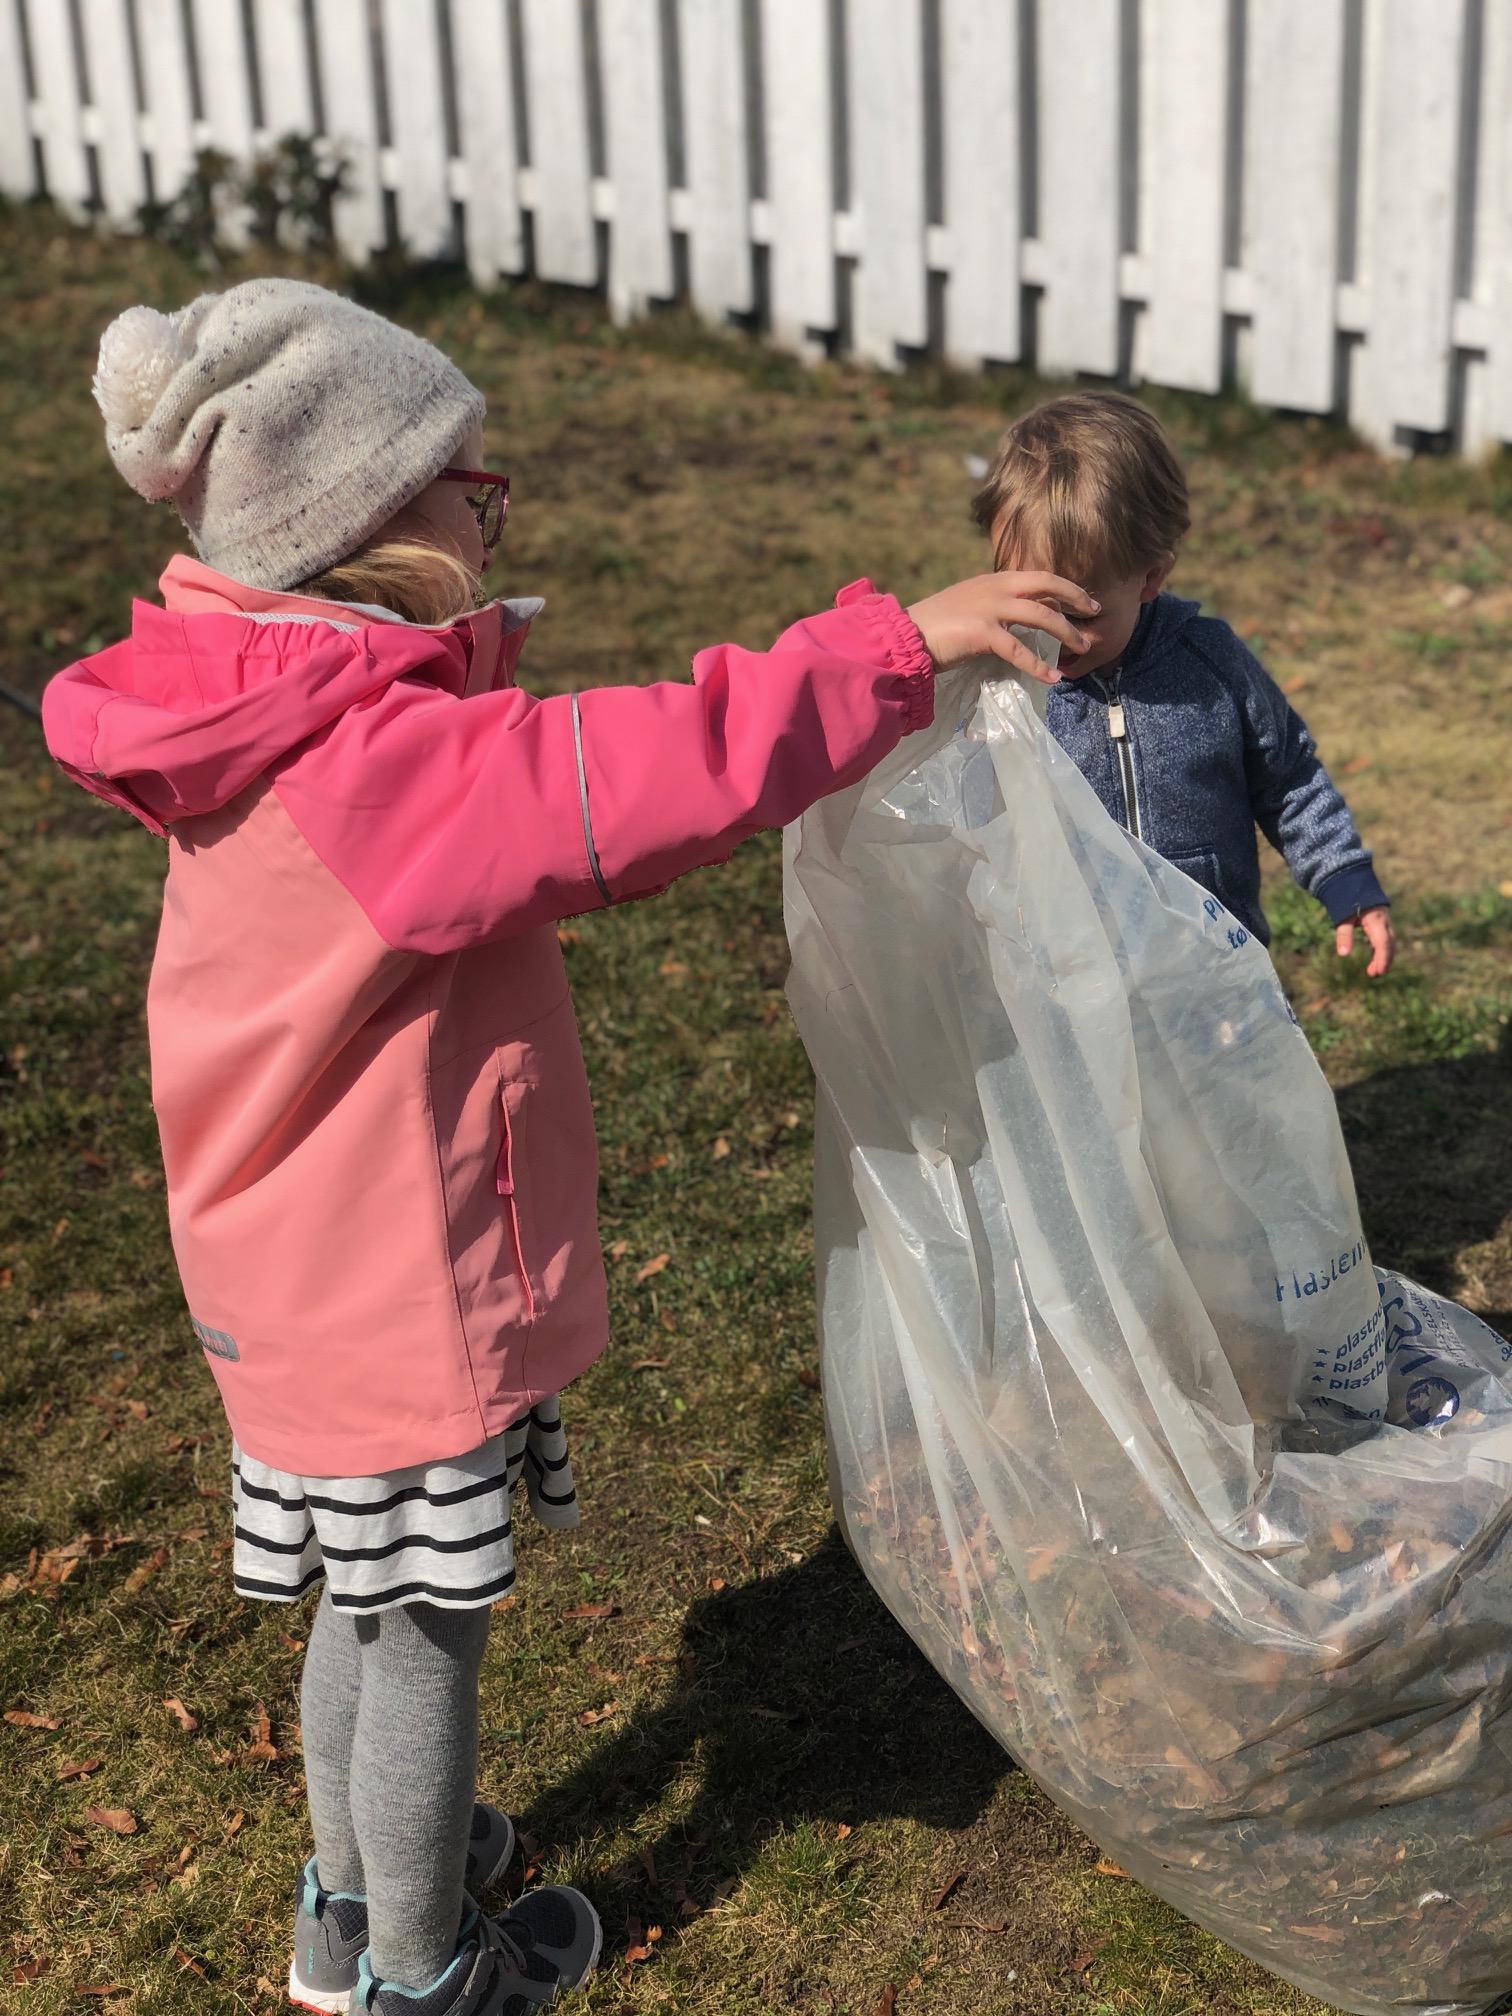 Jente og gutt som holder klar søppelsekk i hage